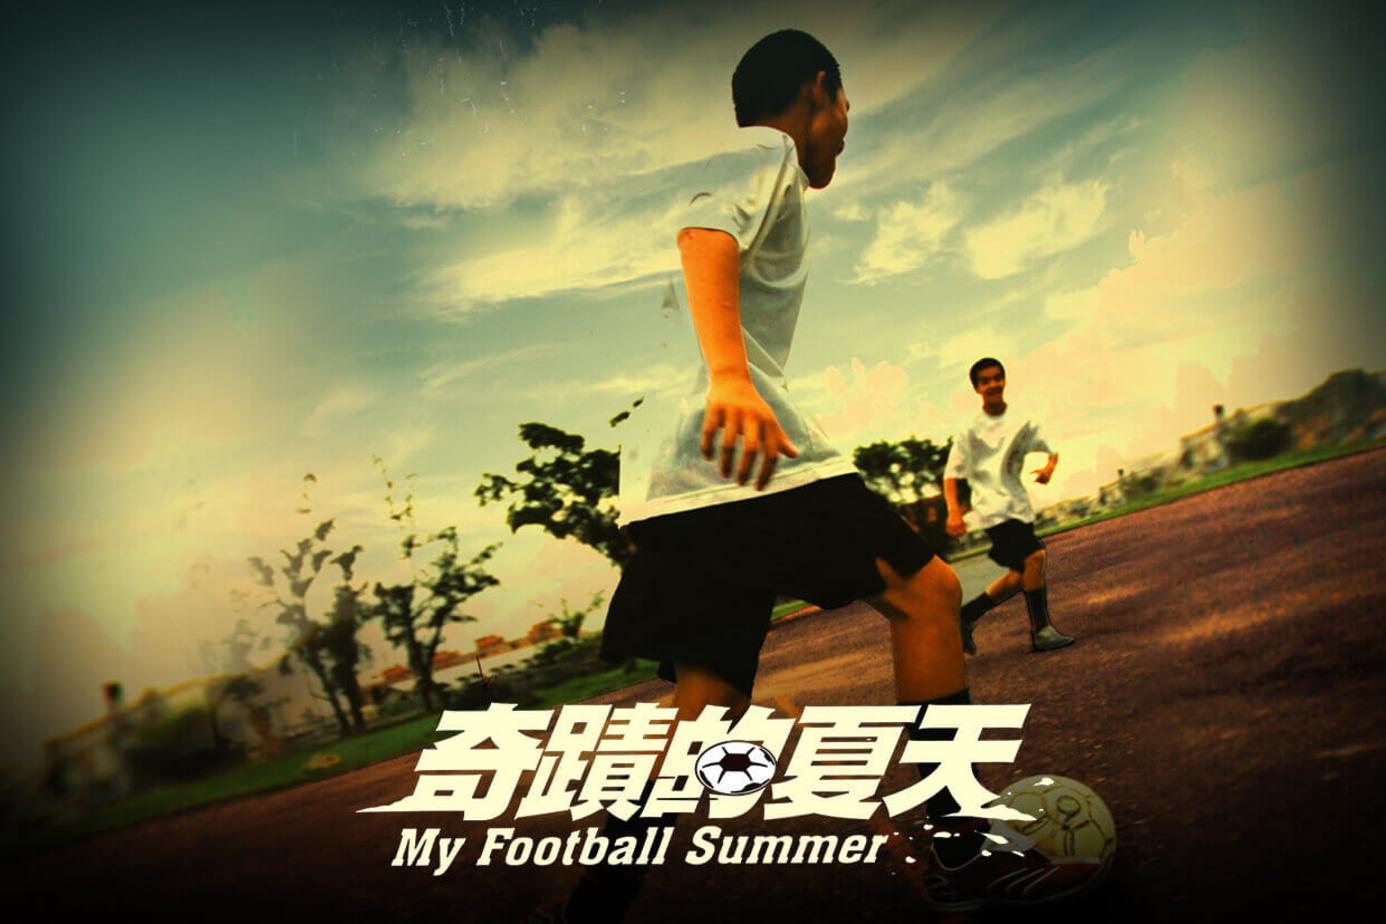 奇蹟的夏天